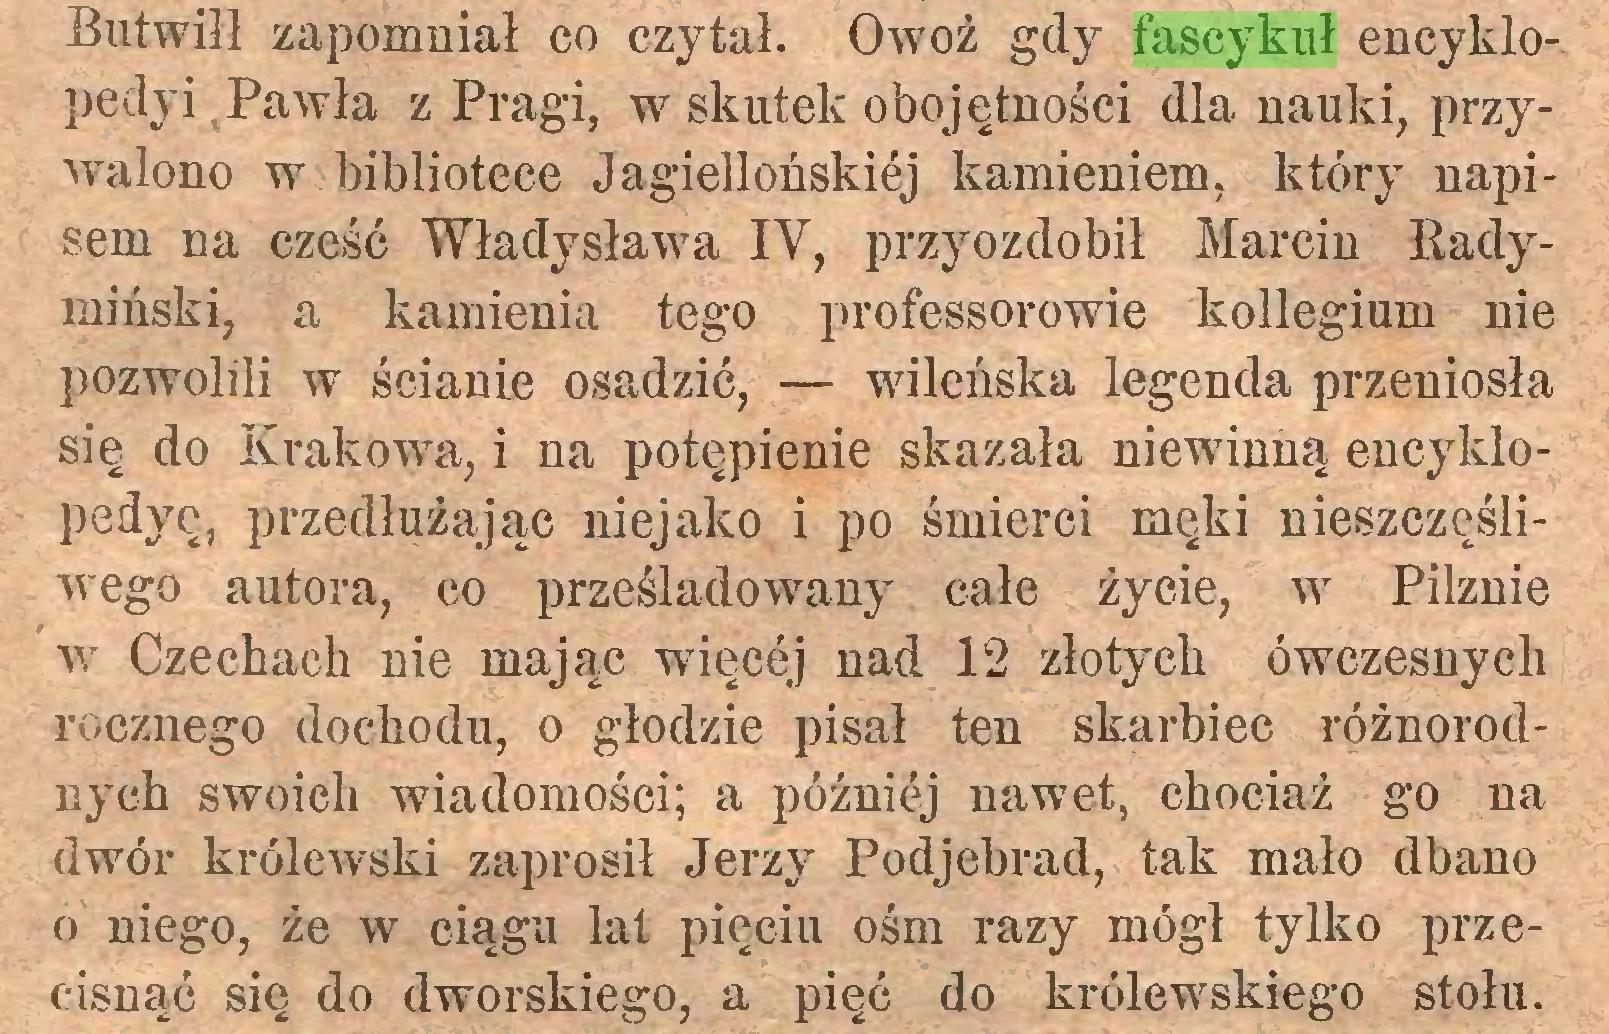 (...) Butwiłł zapomniał co czytał. Owoż gdy fascykuł encyklopedyi Pawła z Pragi, w skutek obojętności dla nauki, przywalono w bibliotece Jagiellońskiej kamieniem, który napisem na cześć Władysława IV, przyozdobił Marcin Radymiński, a kamienia tego professorowie kollegium nie pozwolili w ścianie osadzić, — wileńska legenda przeniosła się do Krakowa, i na potępienie skazała niewinną encyklopedyę, przedłużając niejako i po śmierci męki nieszczęśliwego autora, co prześladowany całe życie, w Pilznie w Czechach nie mając więcej nad 12 złotych ówczesnych rocznego dochodu, o głodzie pisał ten skarbiec różnorodnych swoich wiadomości; a później nawet, chociaż go na dwór królewski zaprosił Jerzy Podjebrad, tak mało dbano o niego, że w ciągu lat pięciu ośm razy mógł tylko przecisnąć się do dworskiego, a pięć do królewskiego stołu...